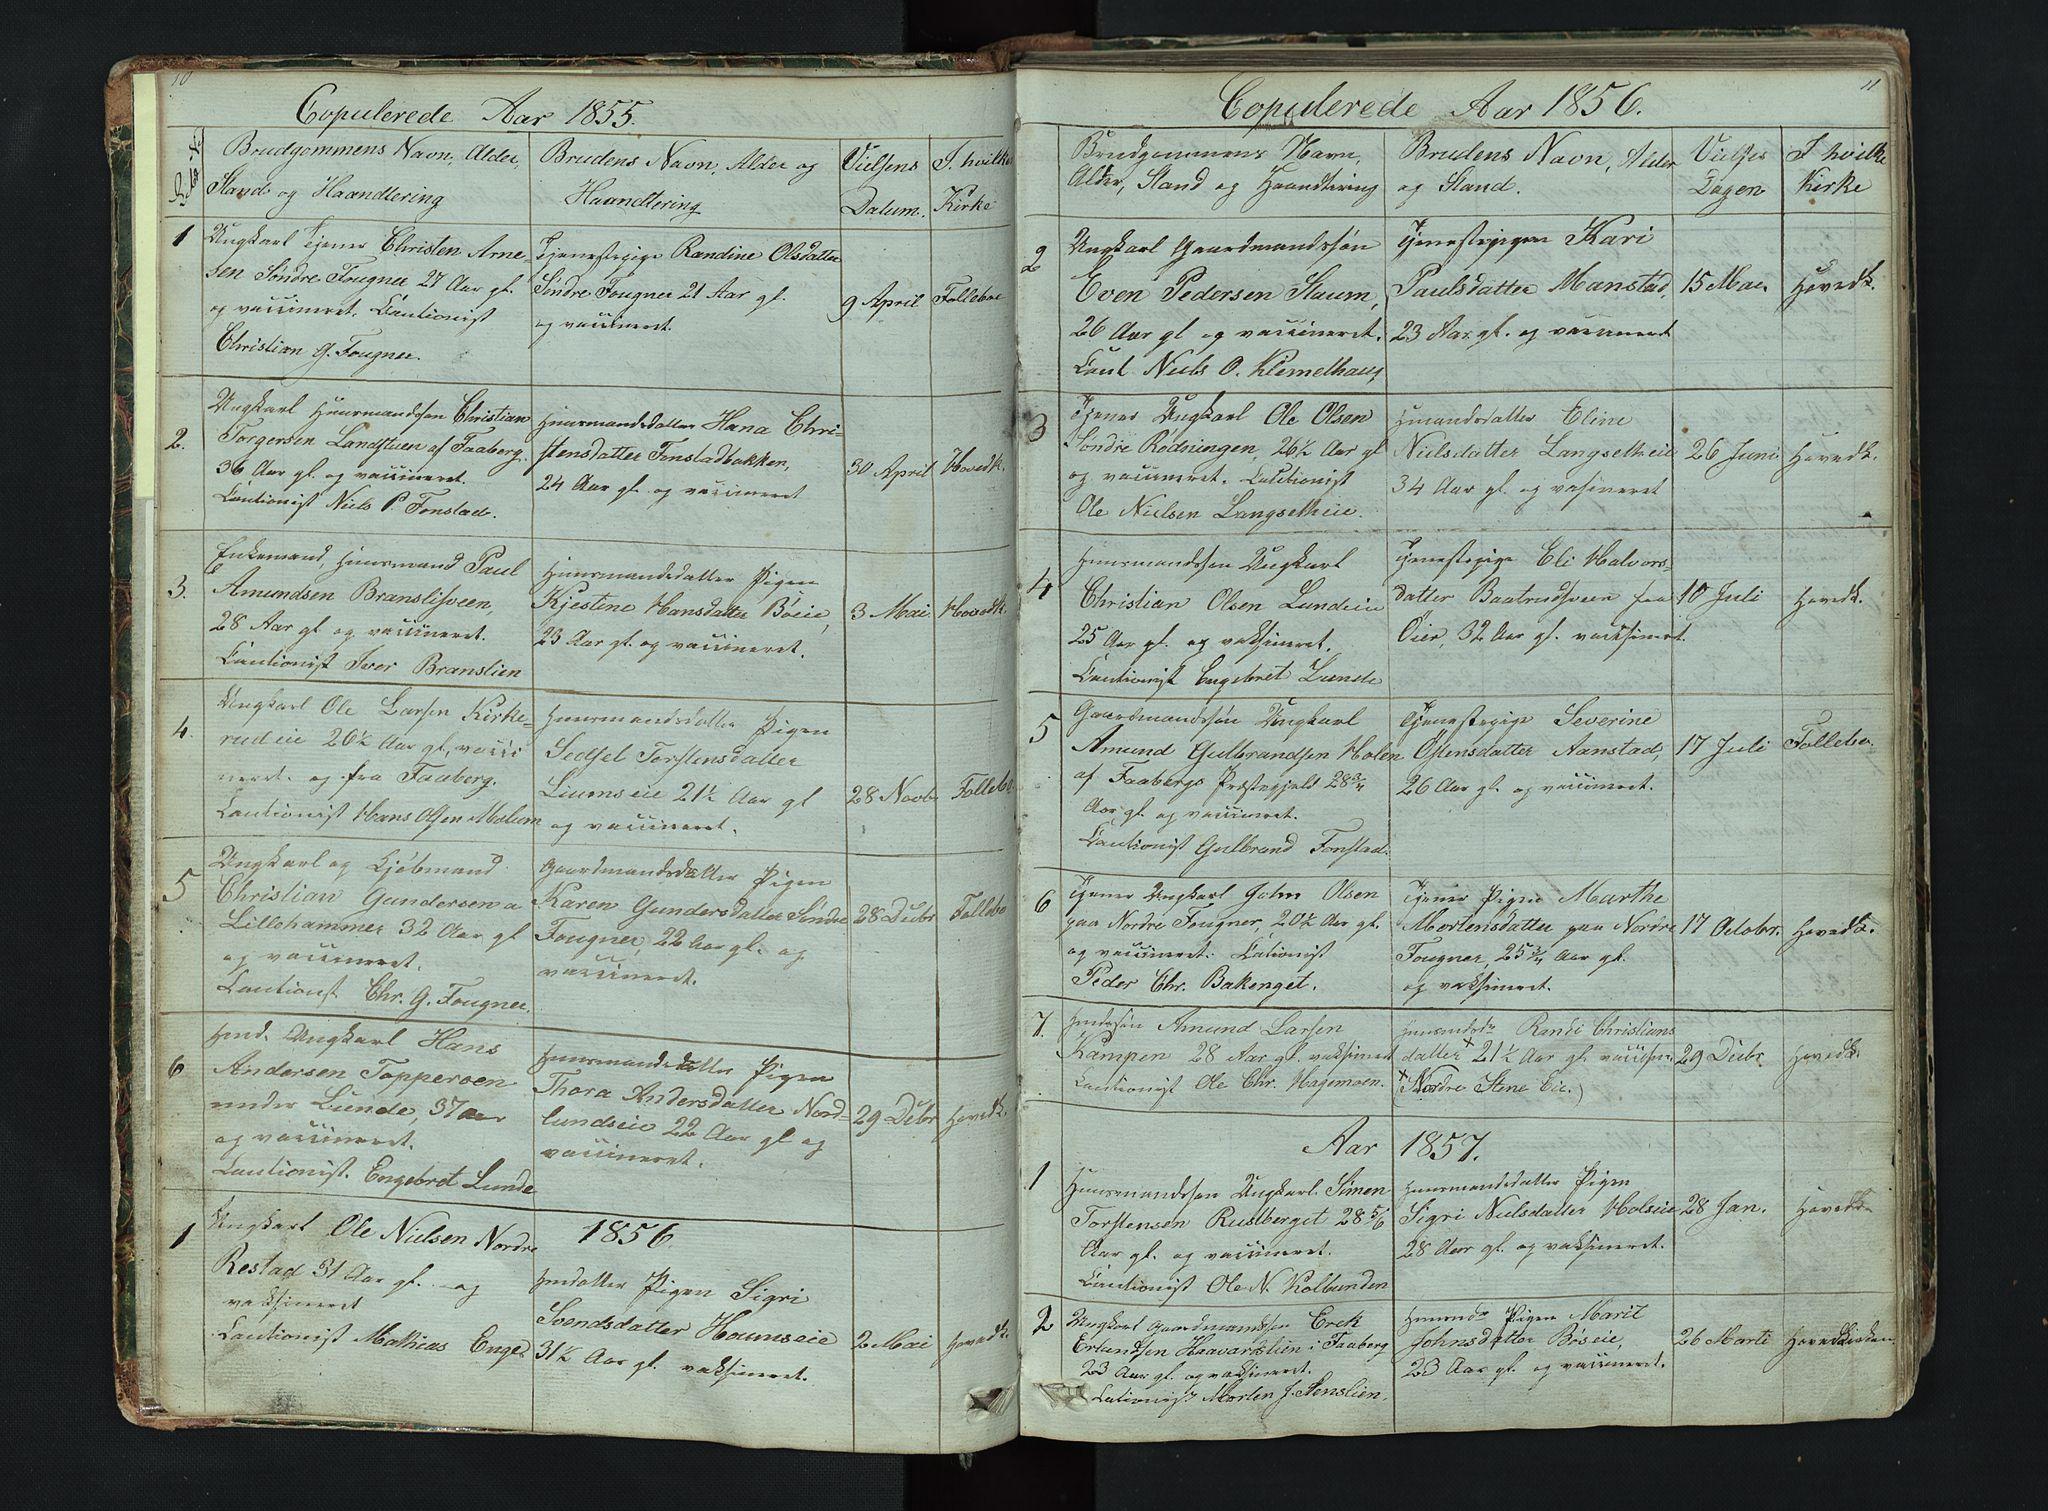 SAH, Gausdal prestekontor, Klokkerbok nr. 6, 1846-1893, s. 10-11